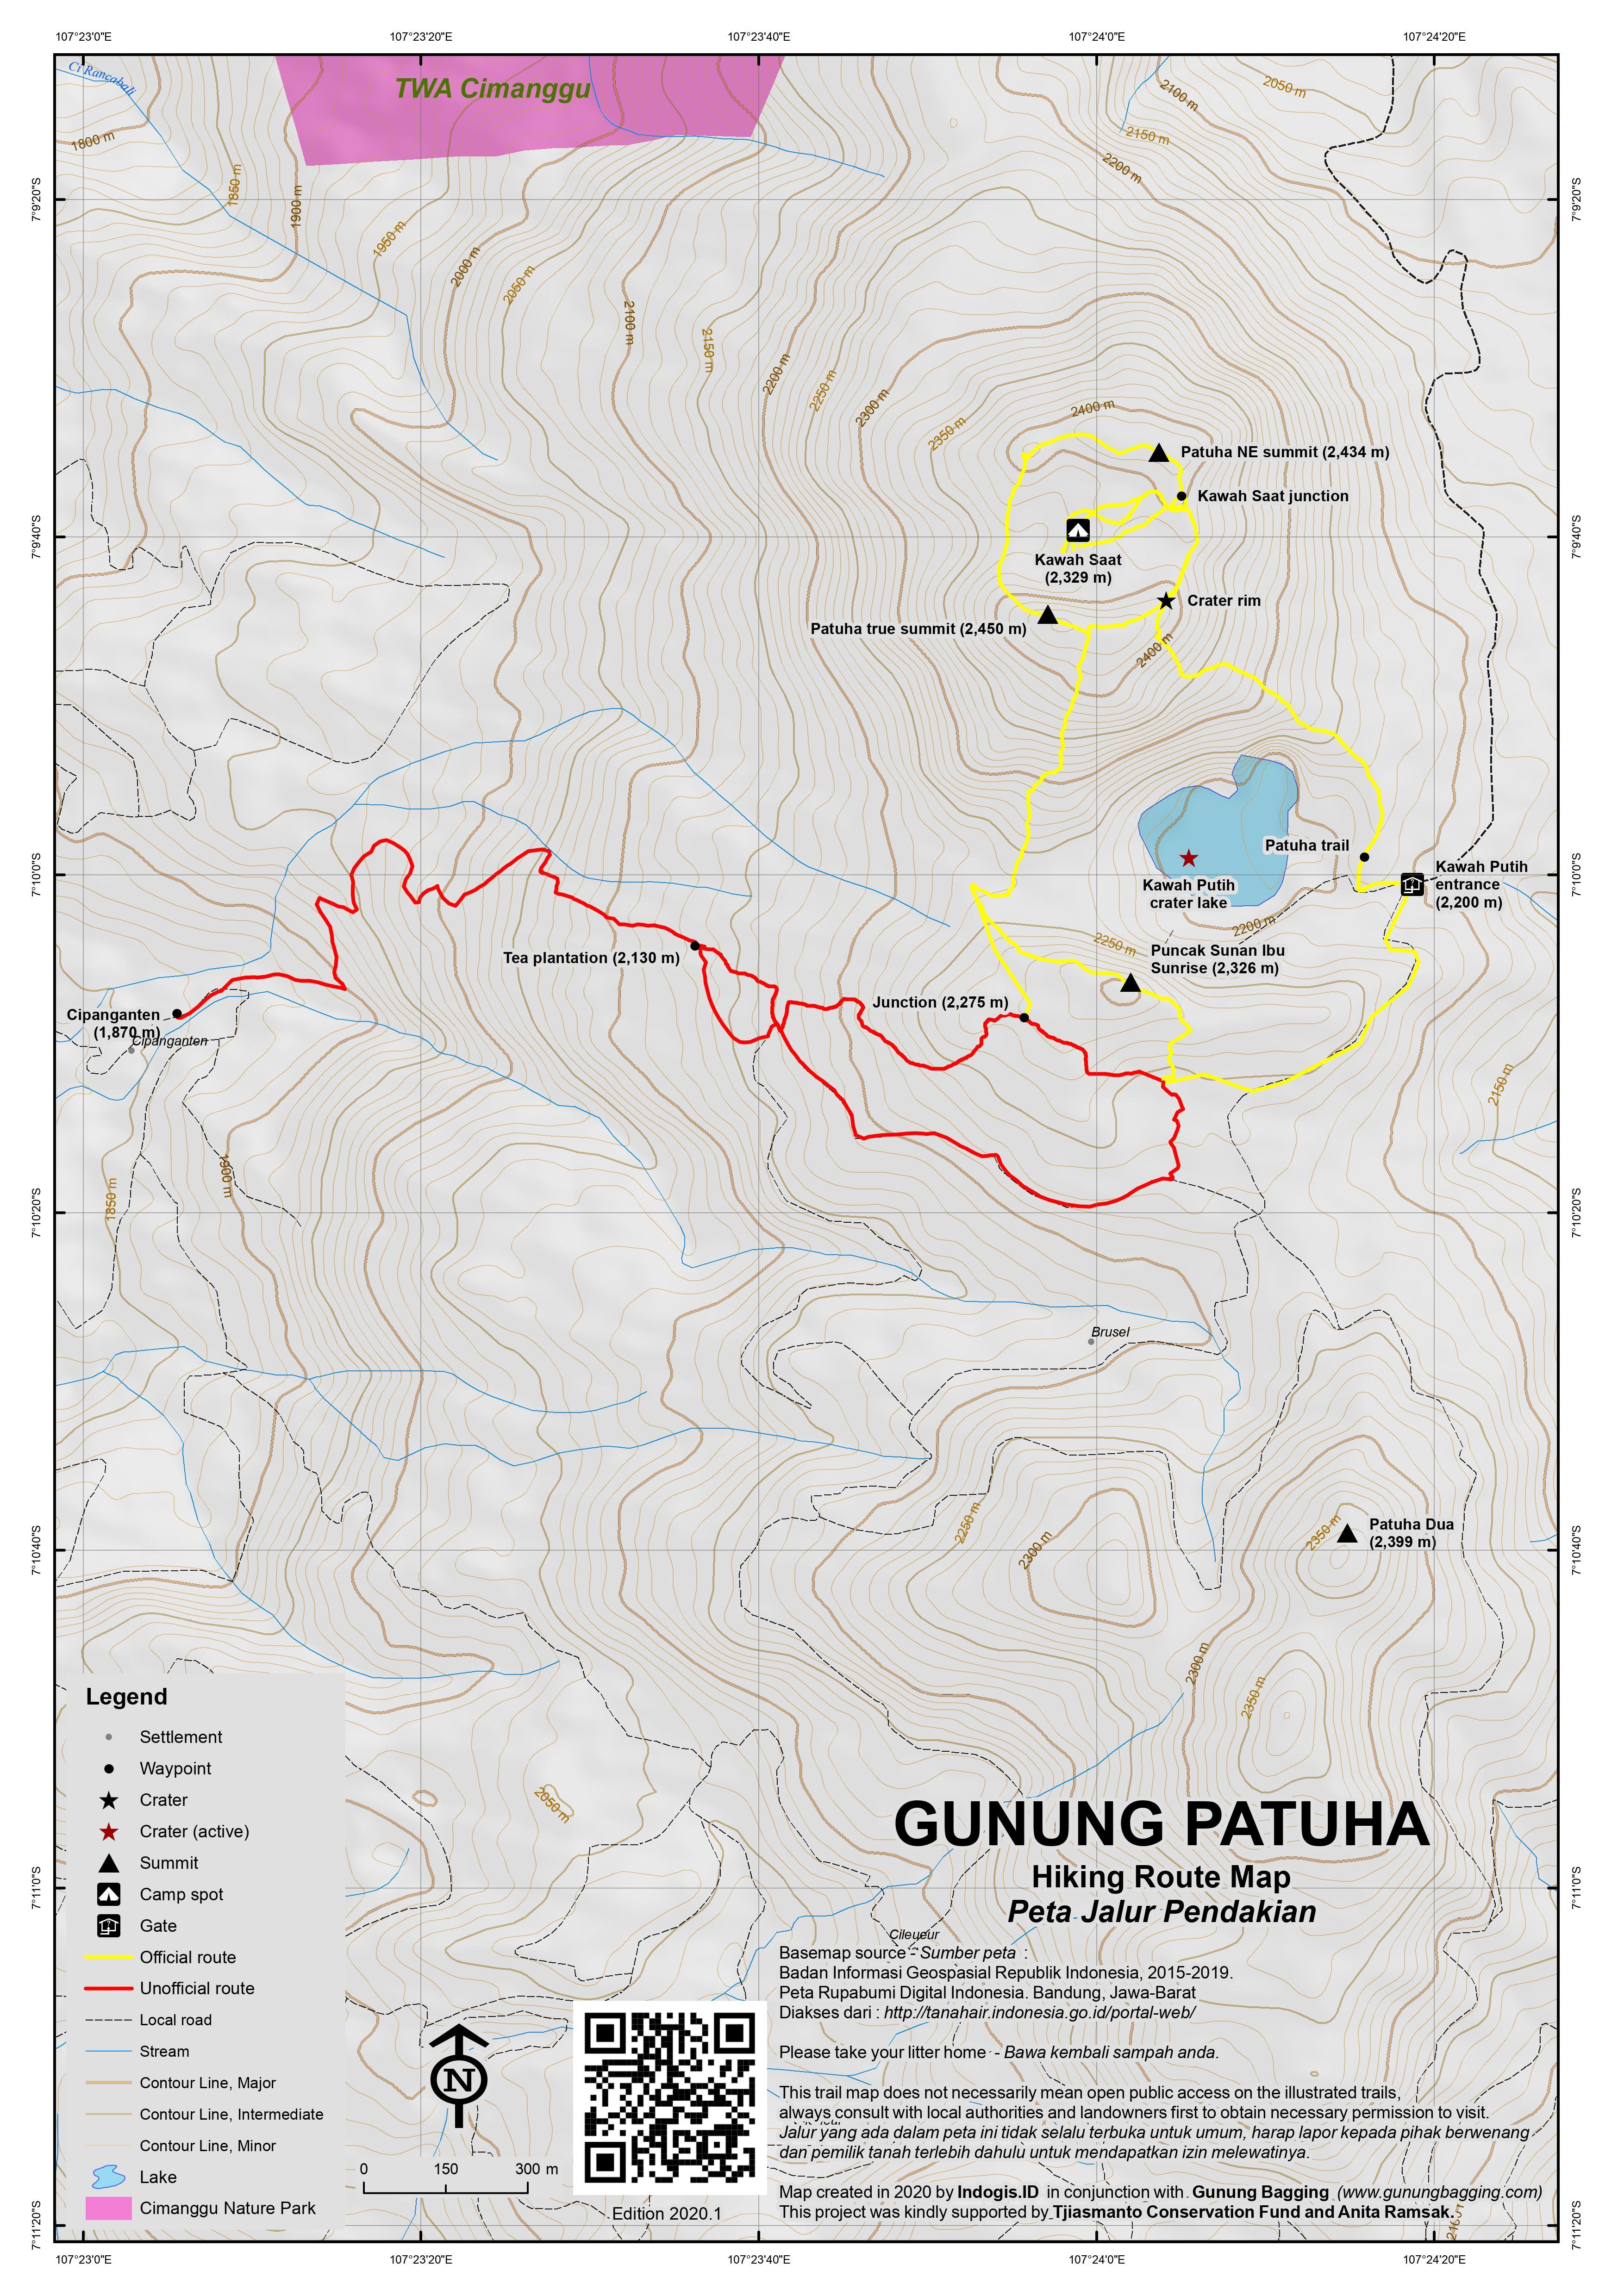 Peta Jalur Pendakian Gunung Patuha